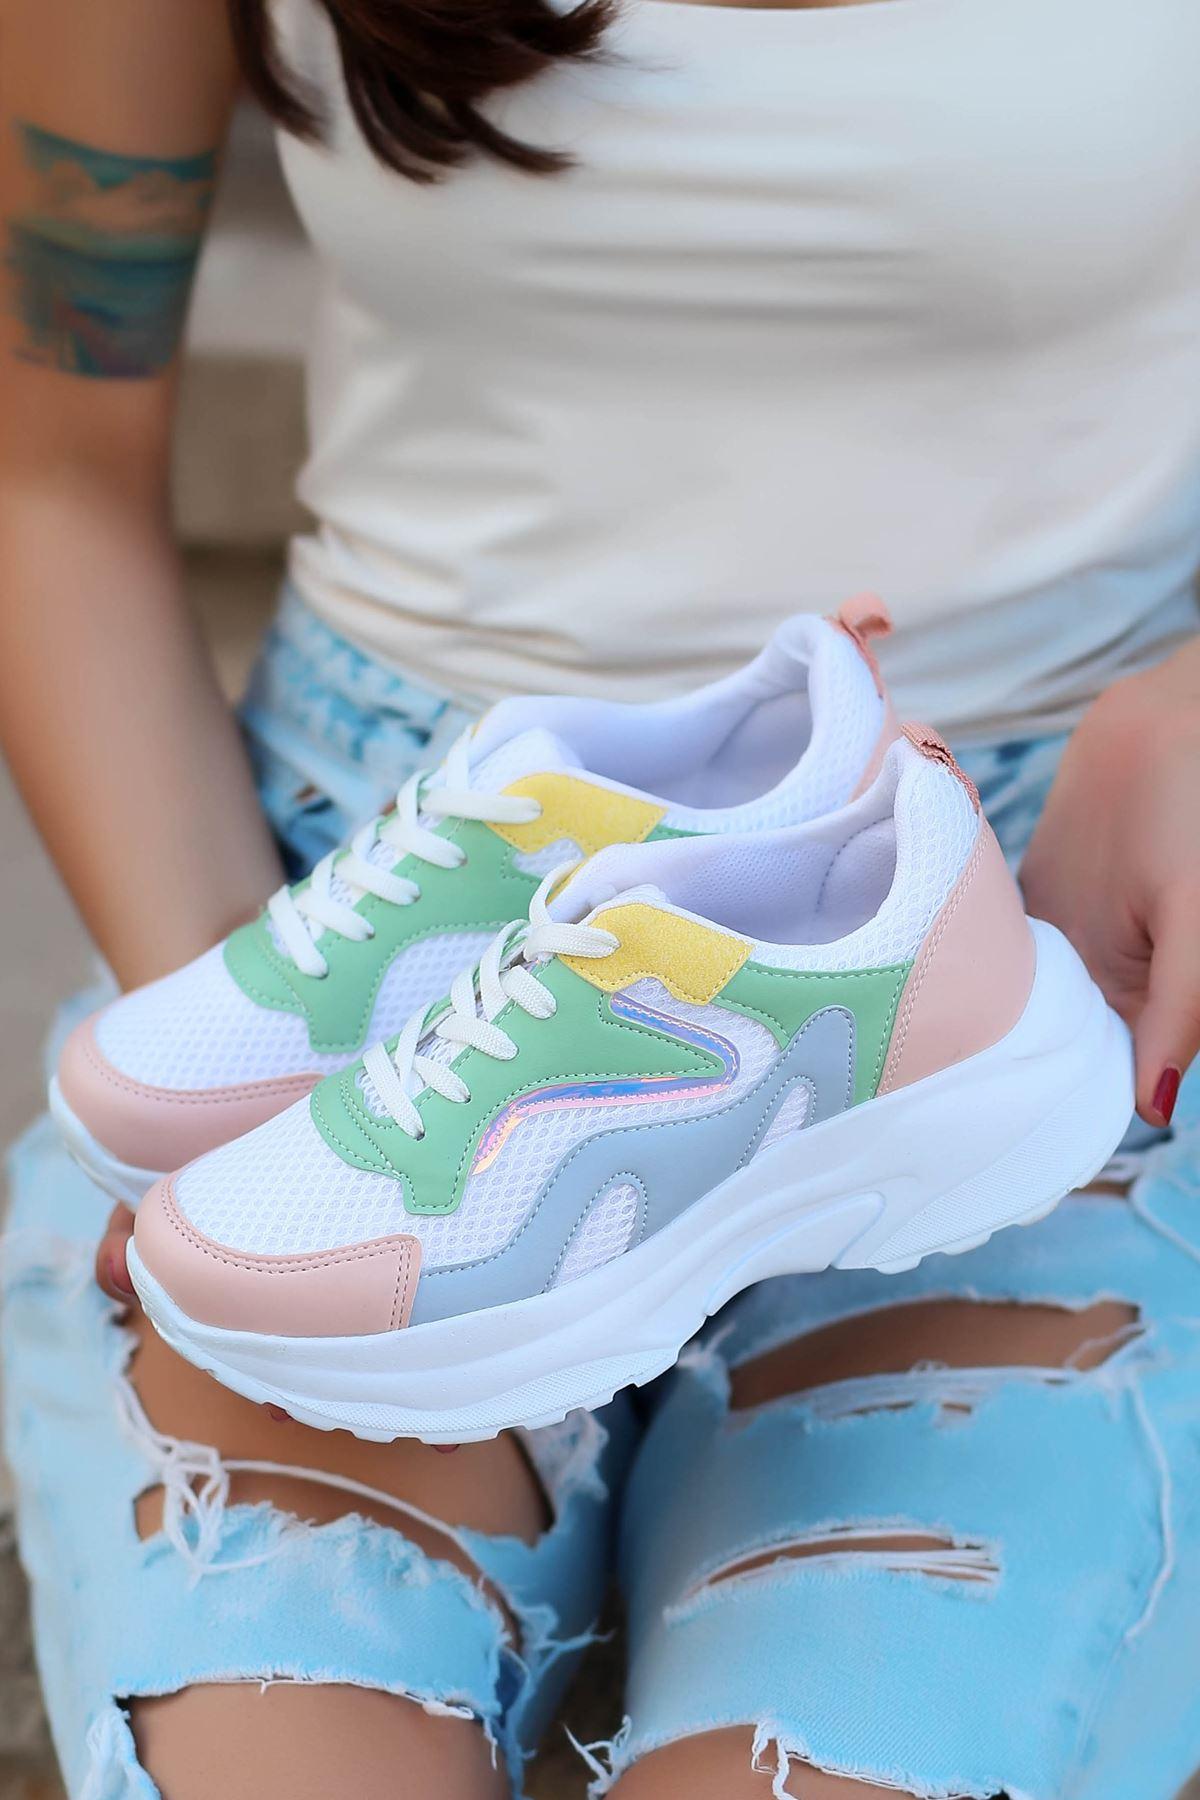 Lili Bağcık Detay Yeşil Hologram Beyaz Kadın Spor Ayakkabı